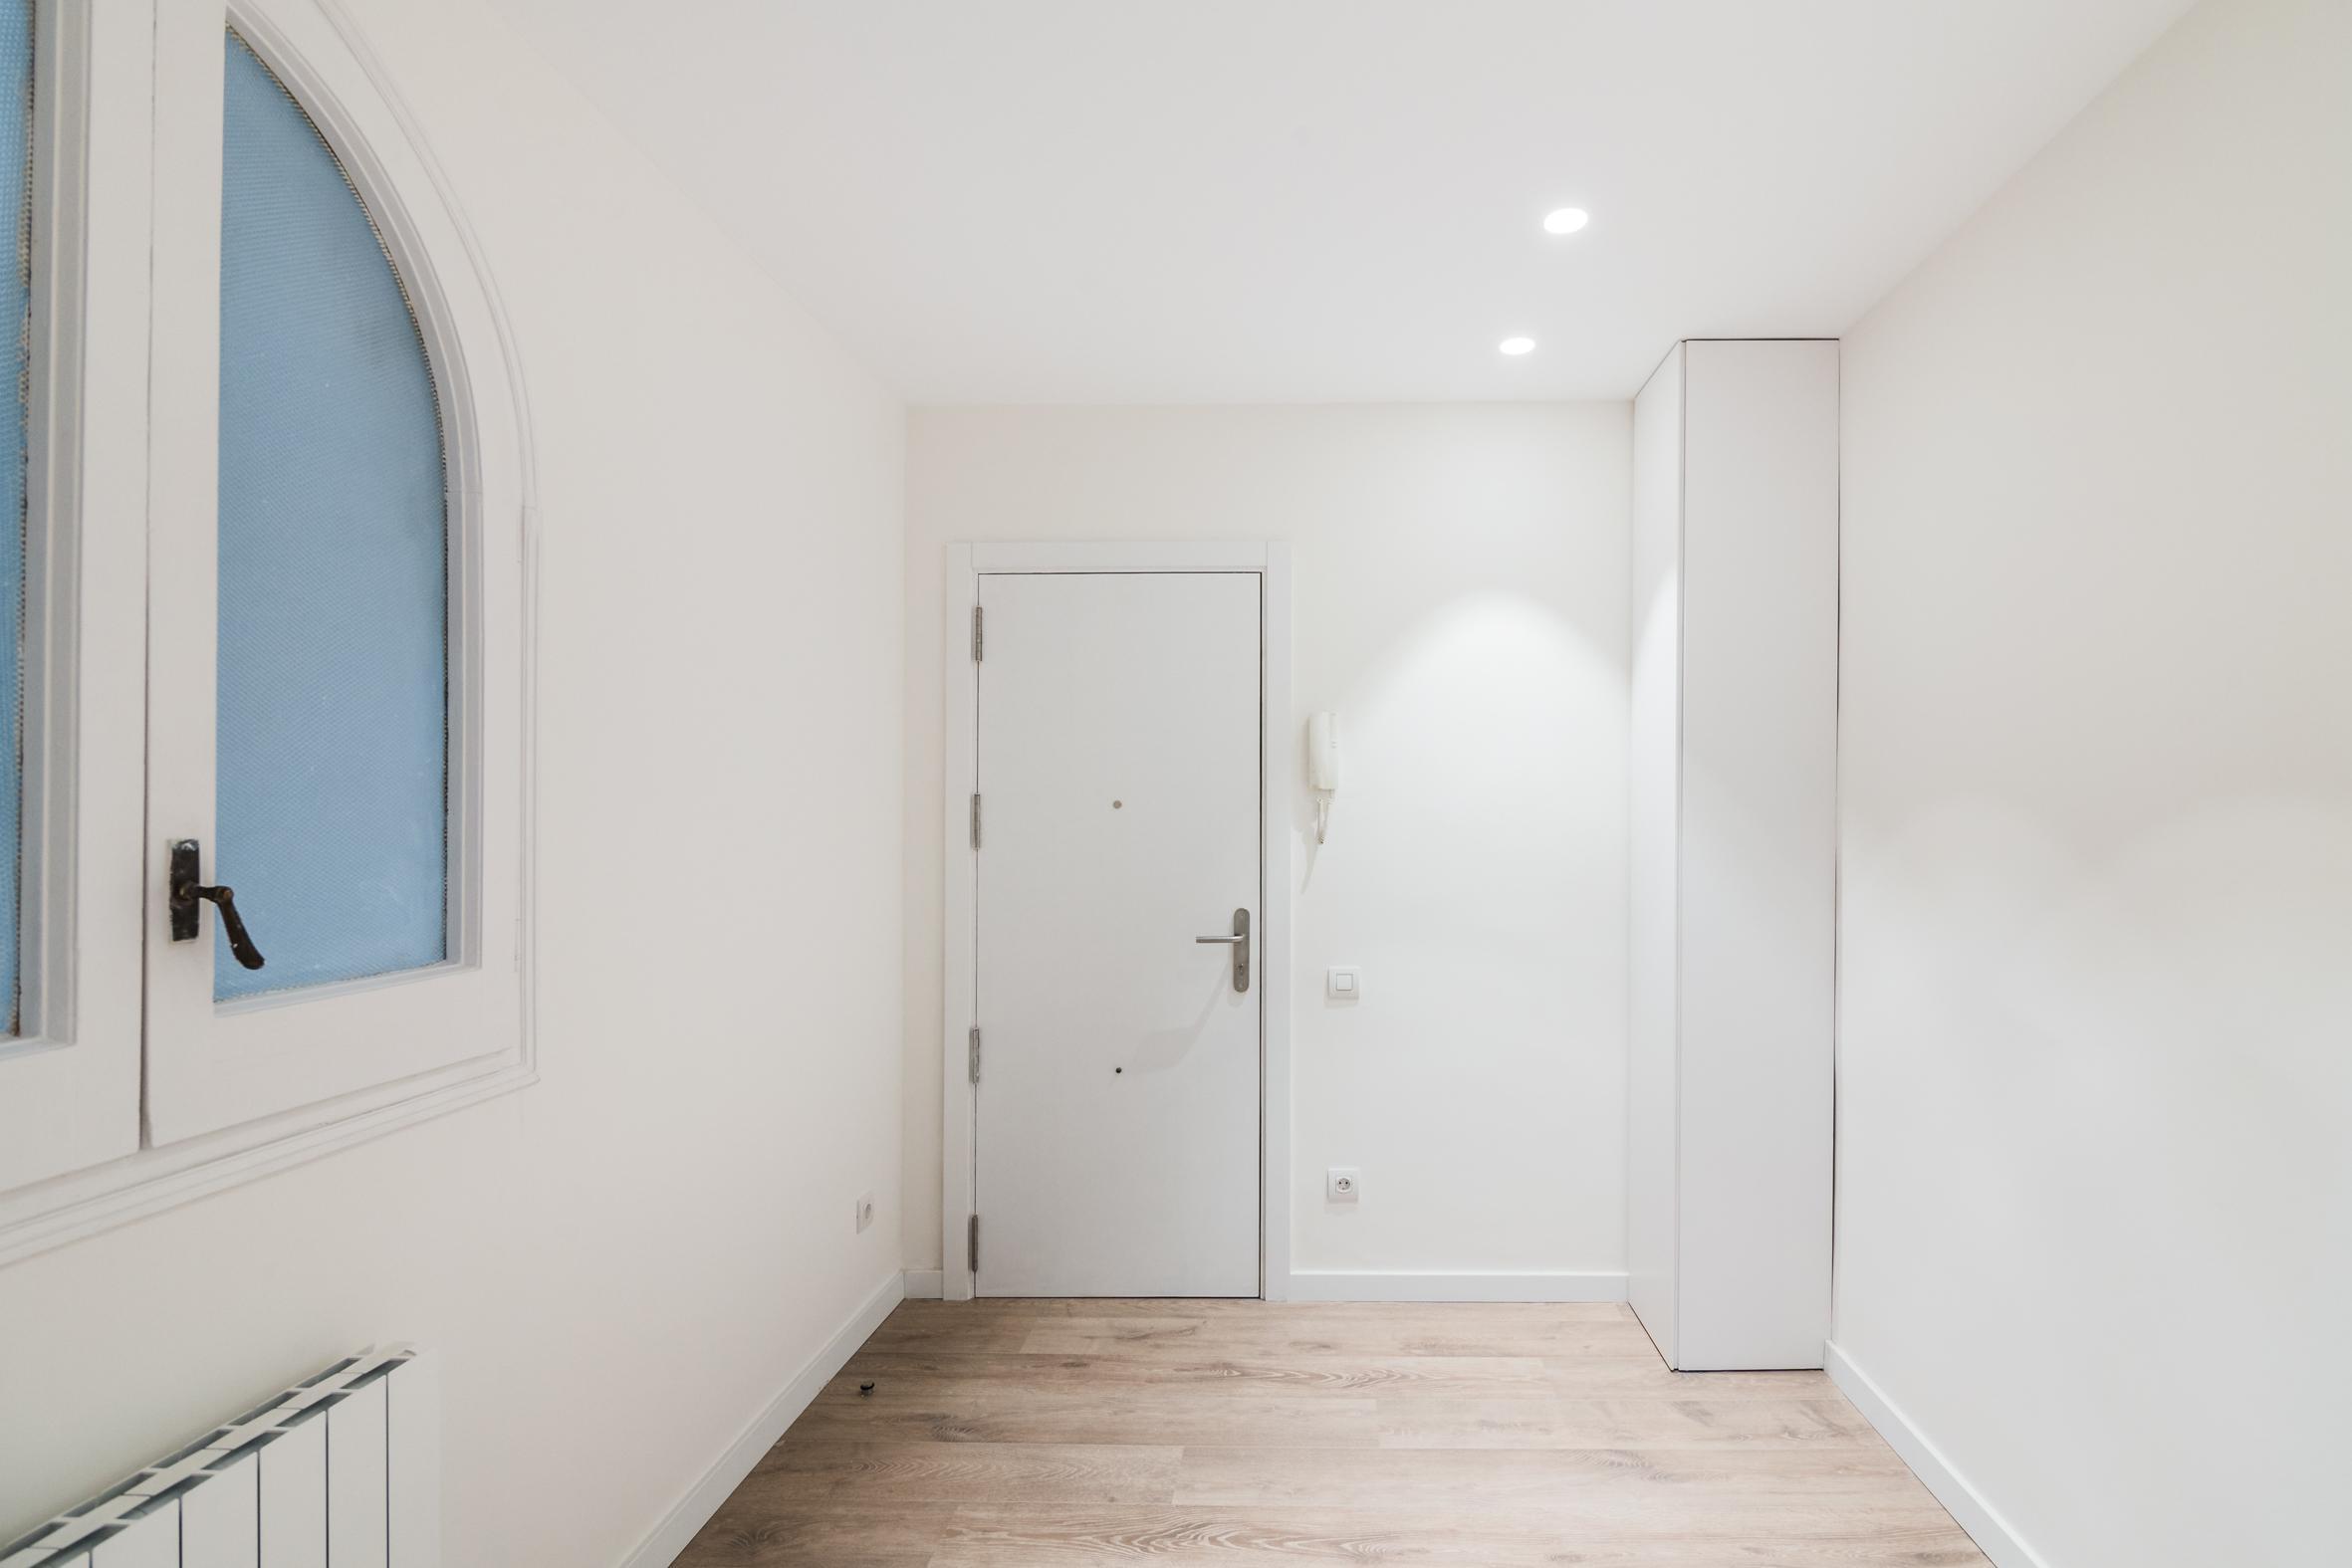 202959 Apartamento en venda en Sarrià-Sant Gervasi, St. Gervasi-Bonanova 9